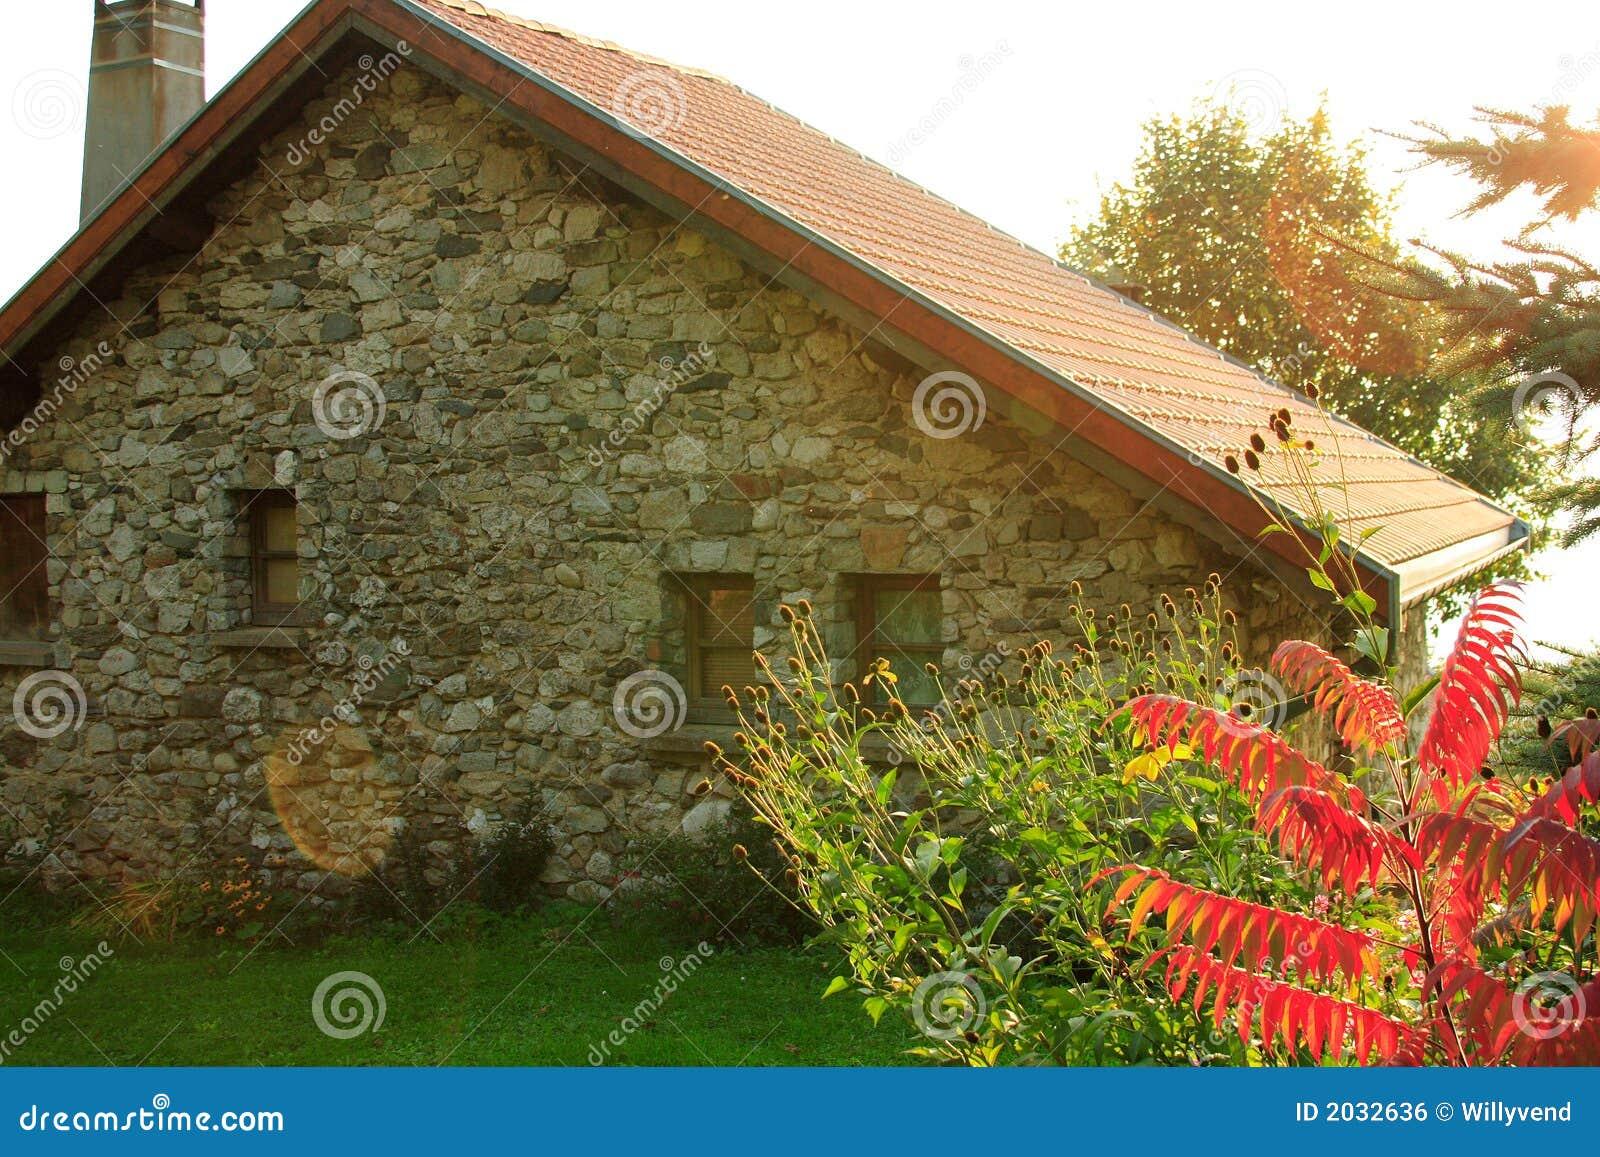 Oud typisch frans huis royalty vrije stock afbeelding afbeelding 2032636 - Huis verlenging oud huis ...